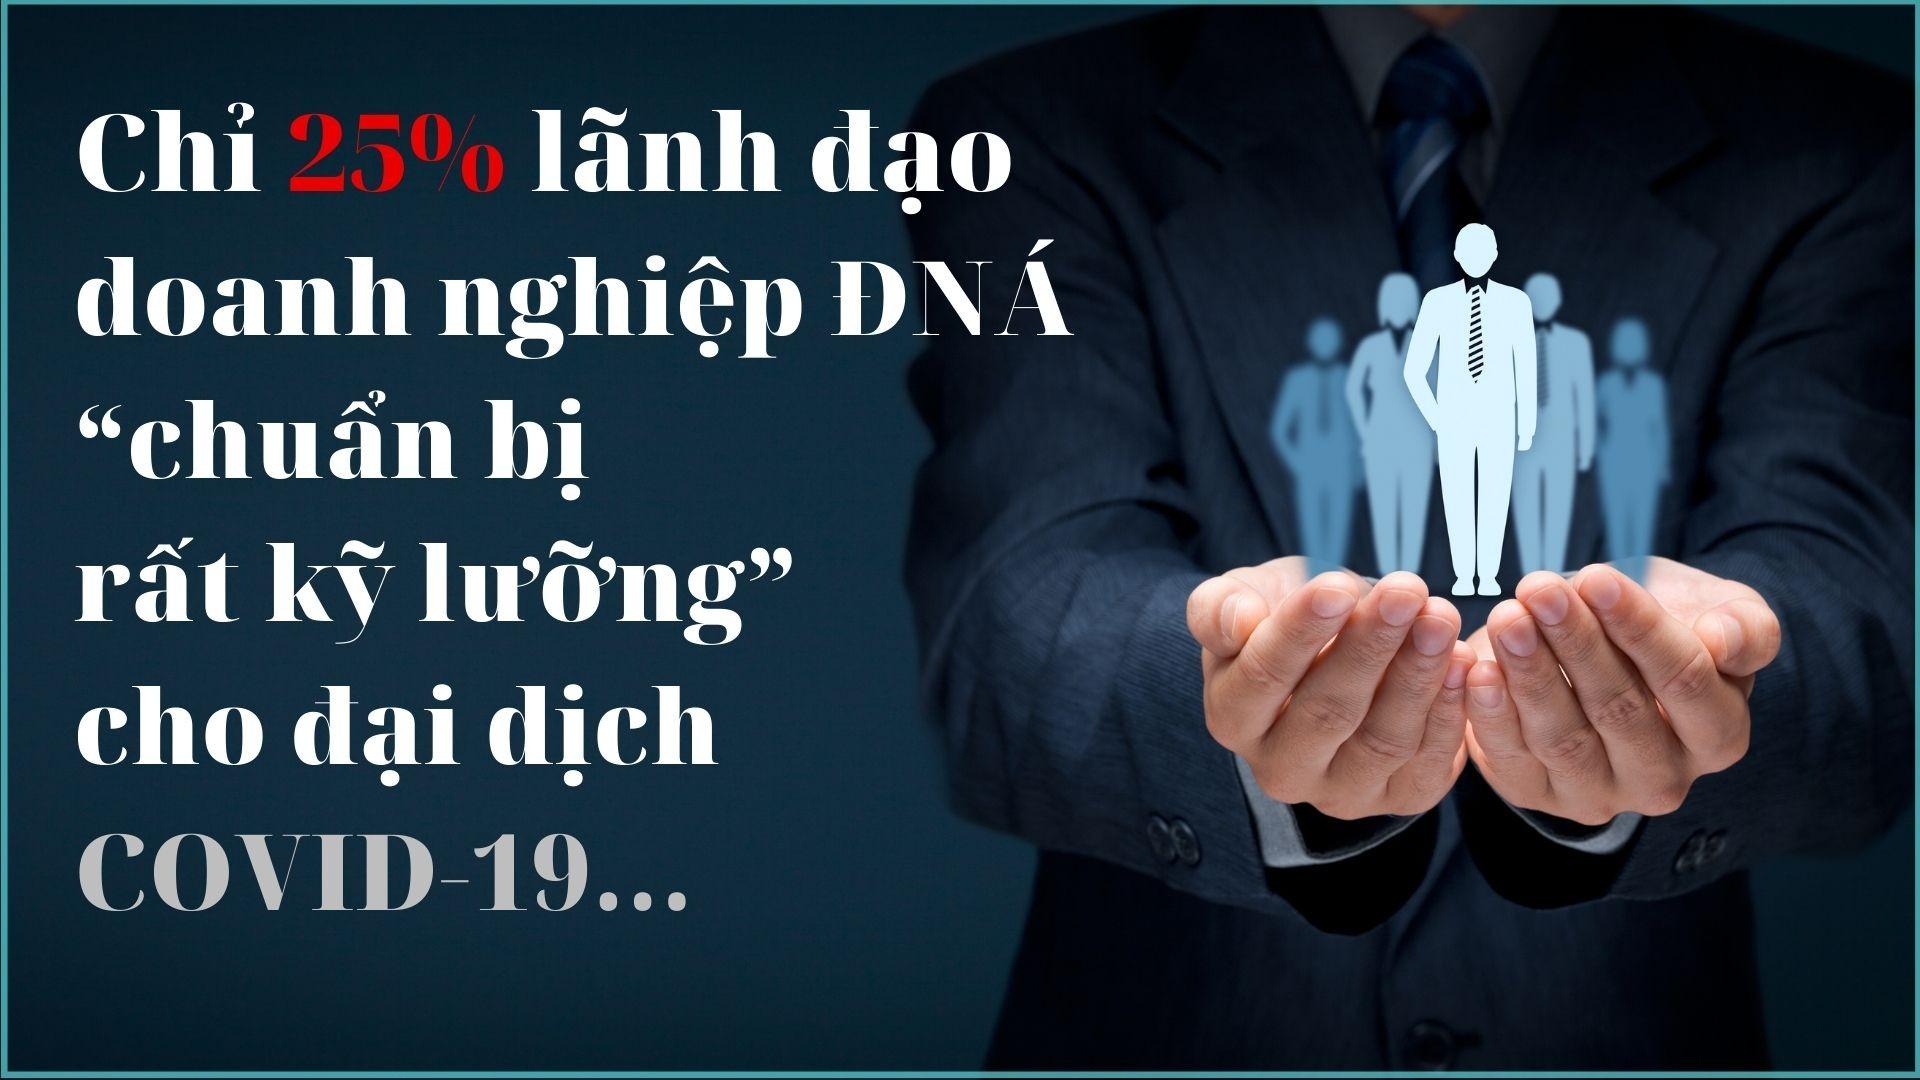 """Chỉ 25% lãnh đạo doanh nghiệp Đông Nam Á """"chuẩn bị rất kỹ lưỡng"""" cho đại dịch COVID-19"""